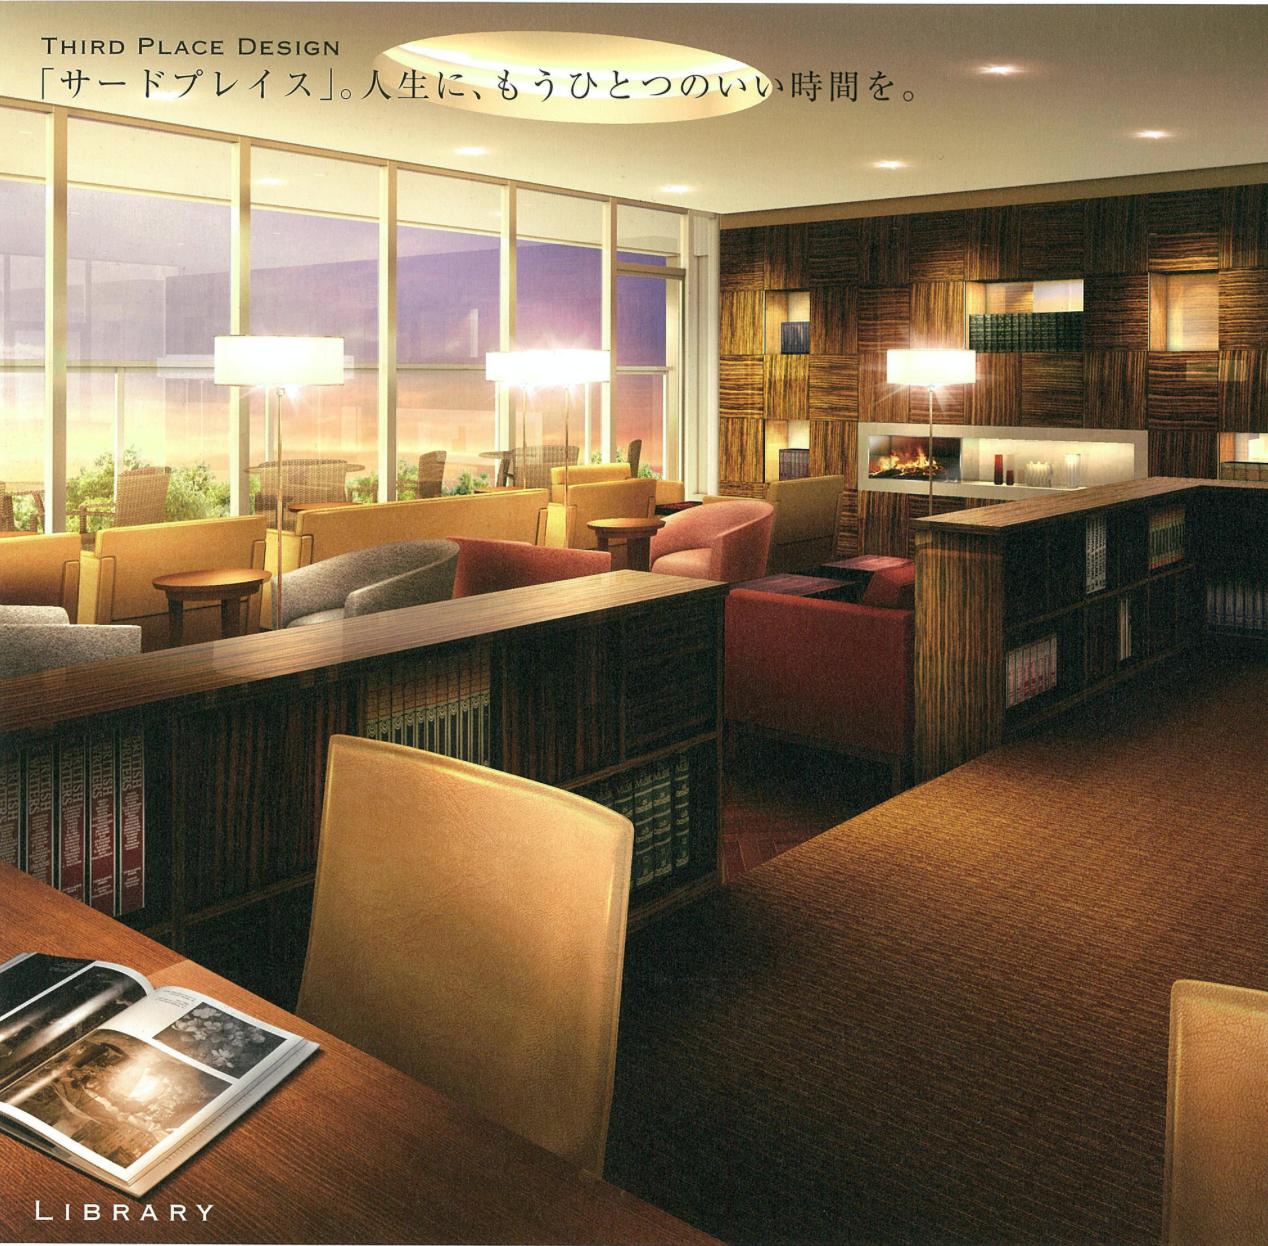 豊洲タワーのライブラリールーム